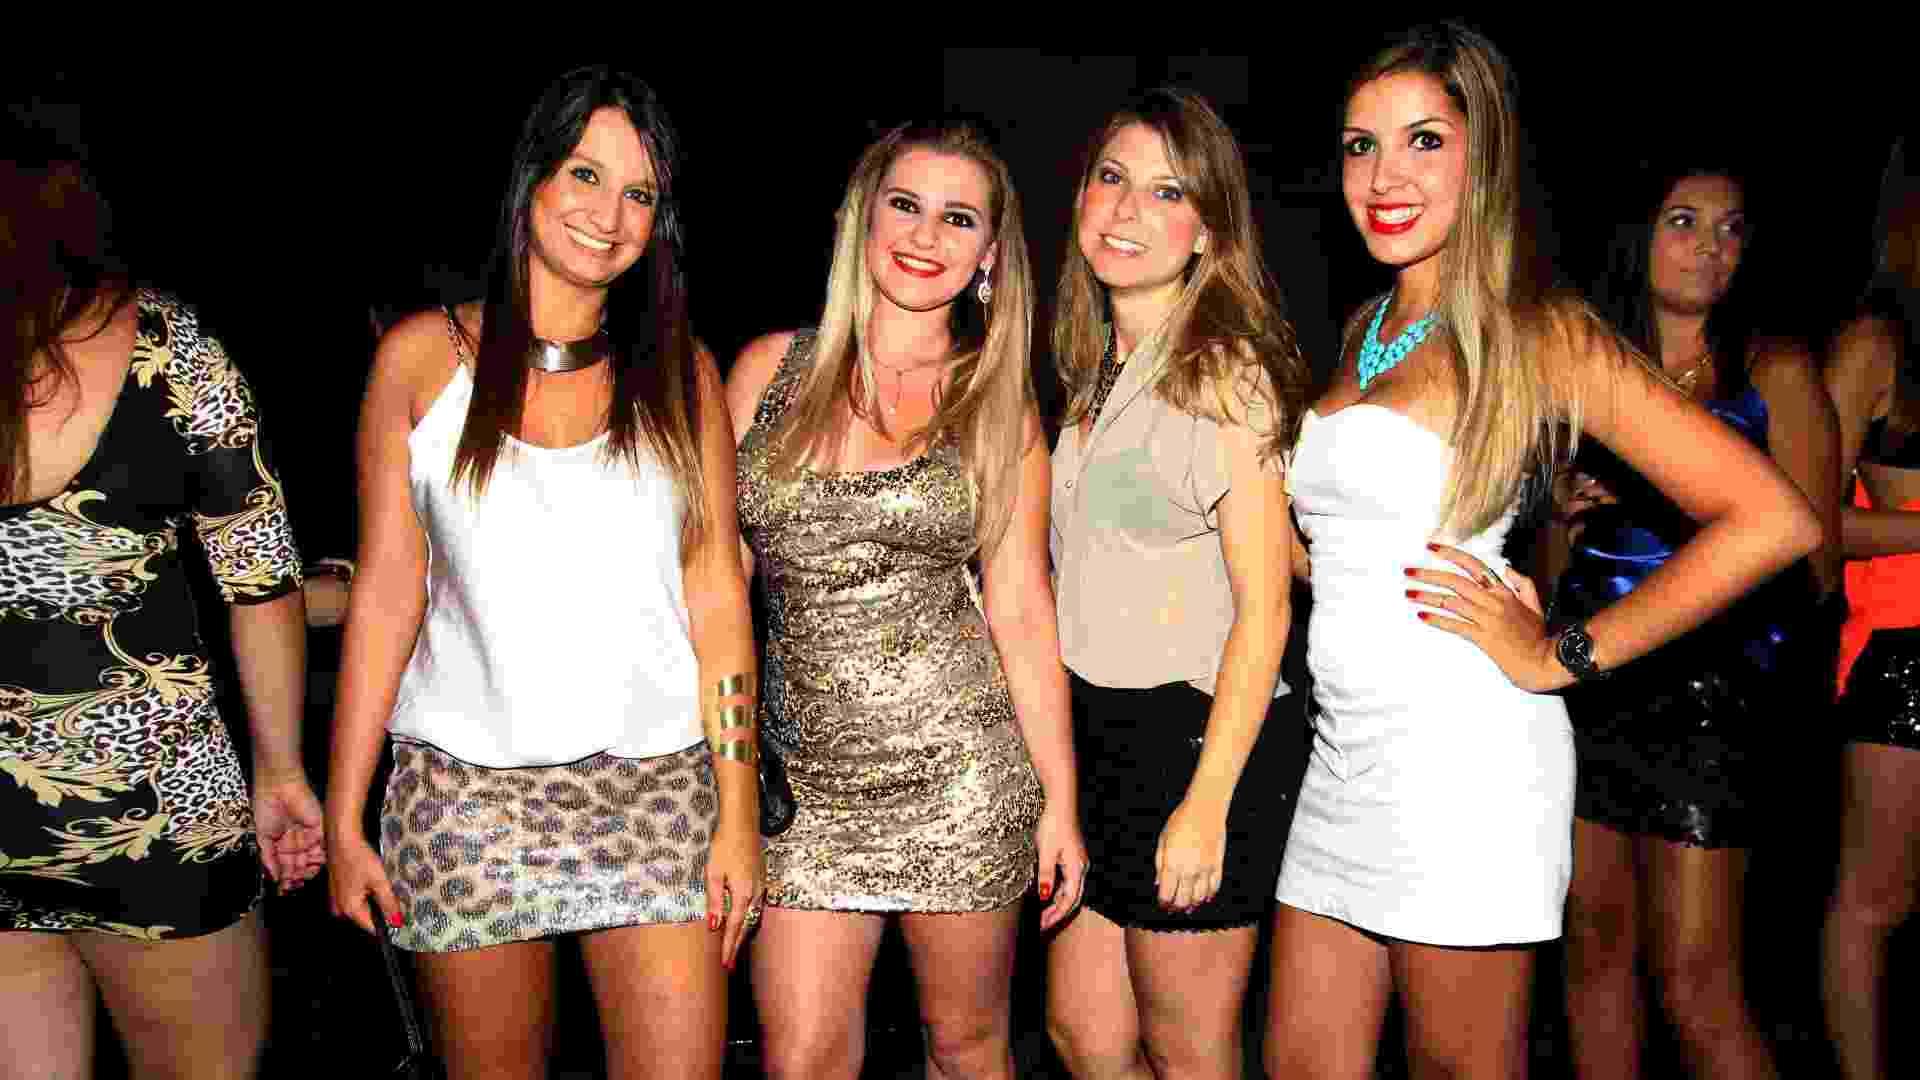 Festa reuniu anônimos, jogadores de futebol e celebridades na casa noturna Villa Mix - Edson Lopes Jr./Folhapress